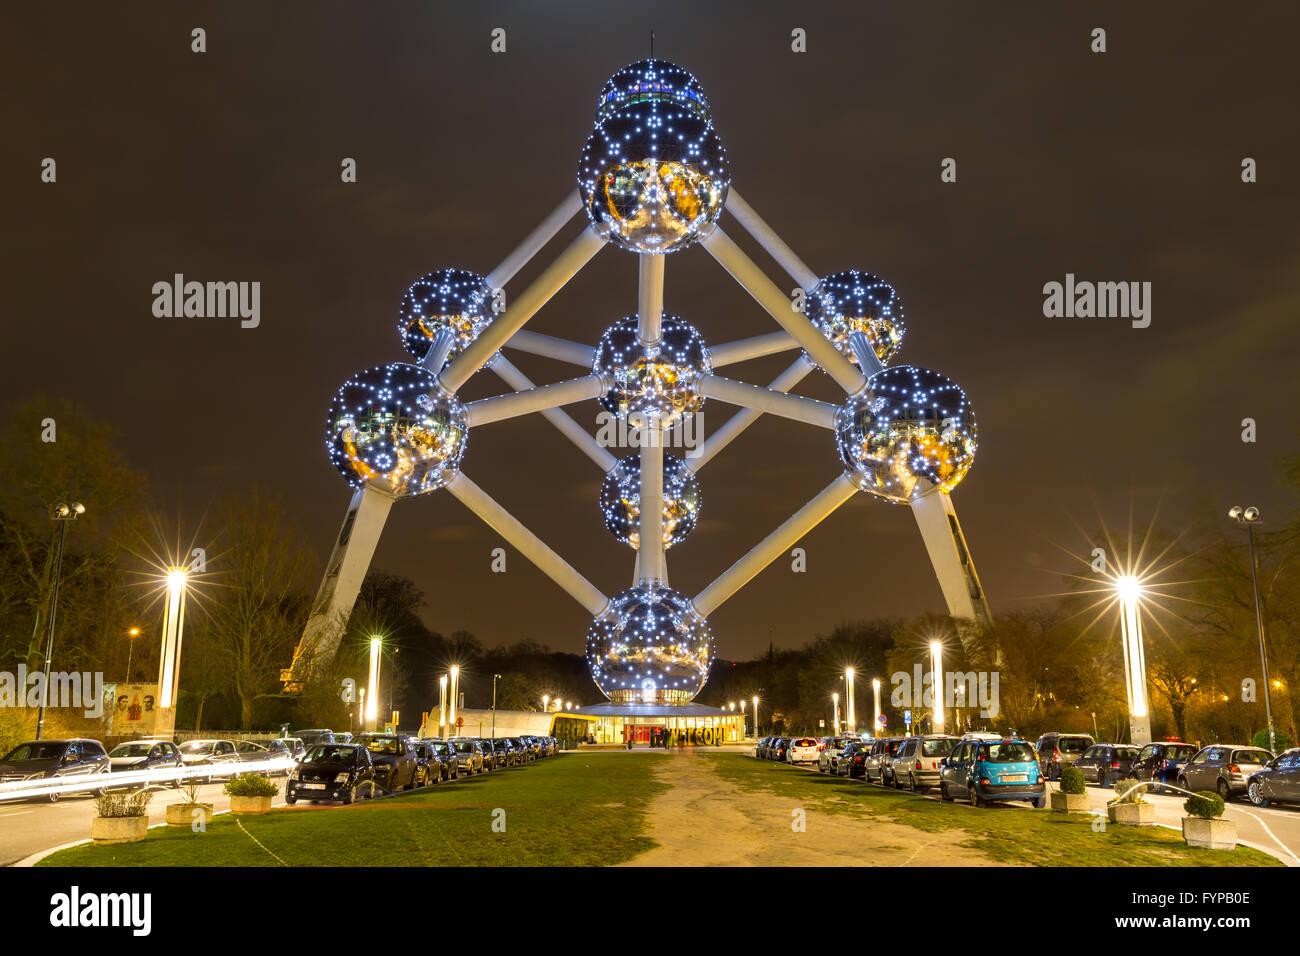 Atomium Brussels Belgium - Stock Image